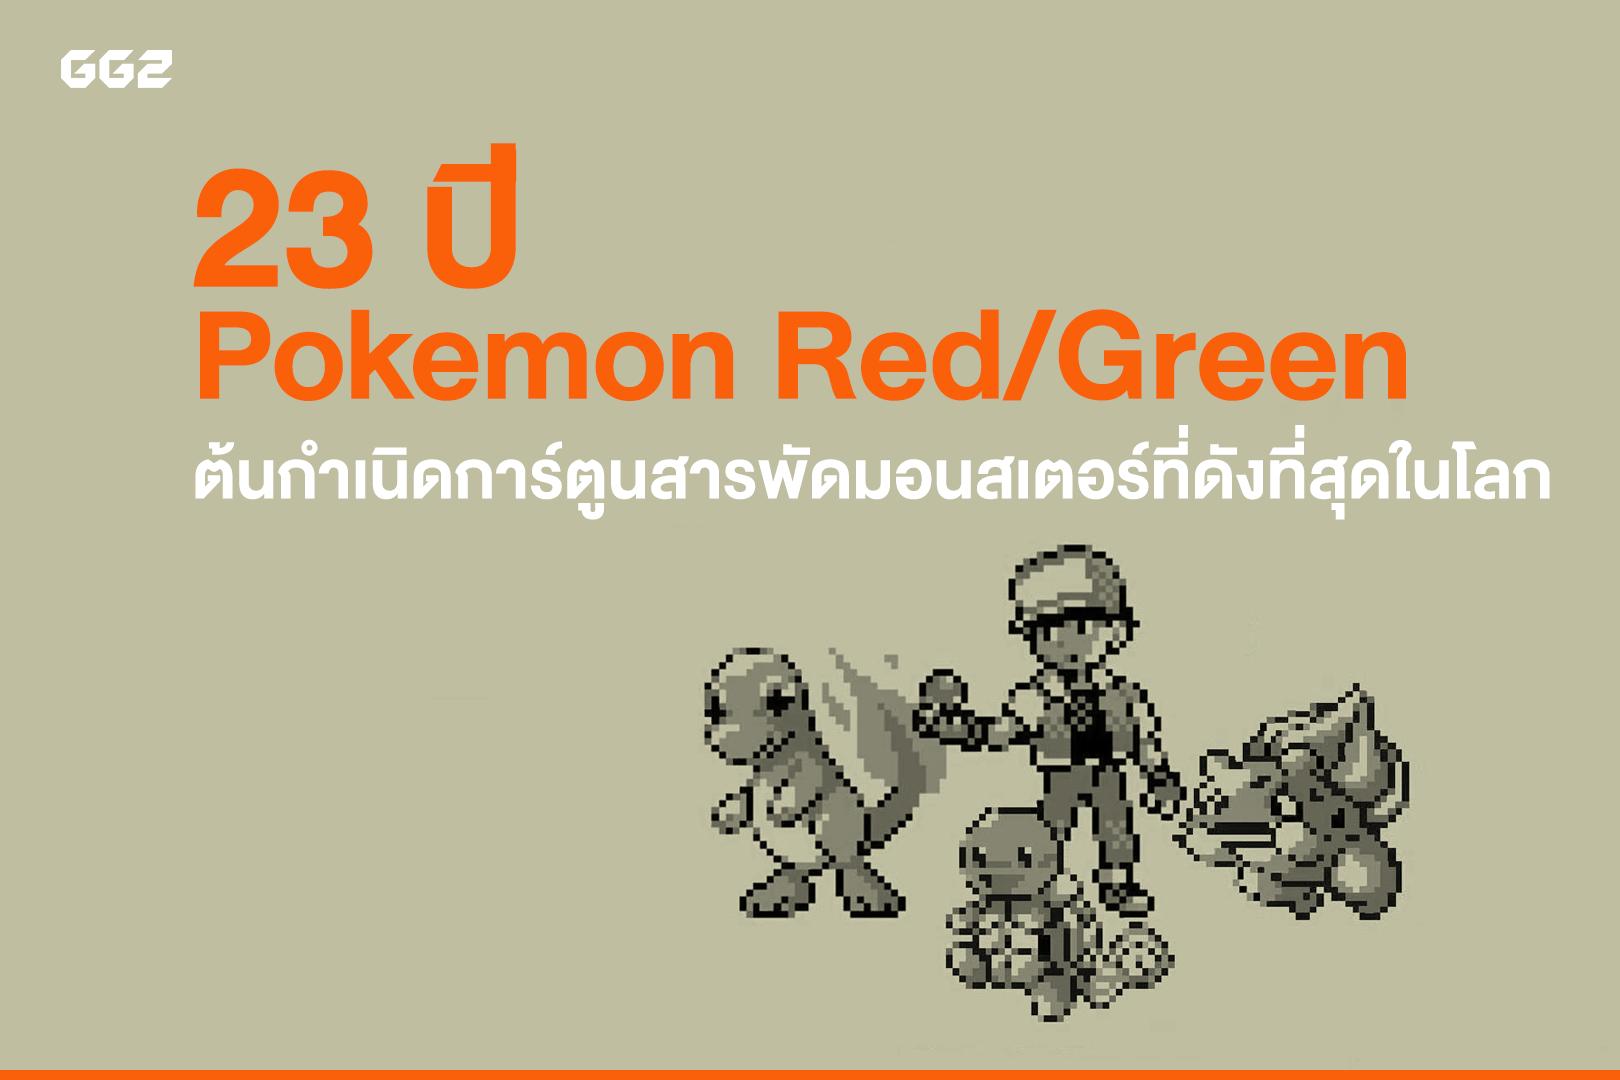 23 ปี Pokemon Red/Green ต้นกำเนิดการ์ตูนสารพัดมอนสเตอร์ที่ดังที่สุดในโลก